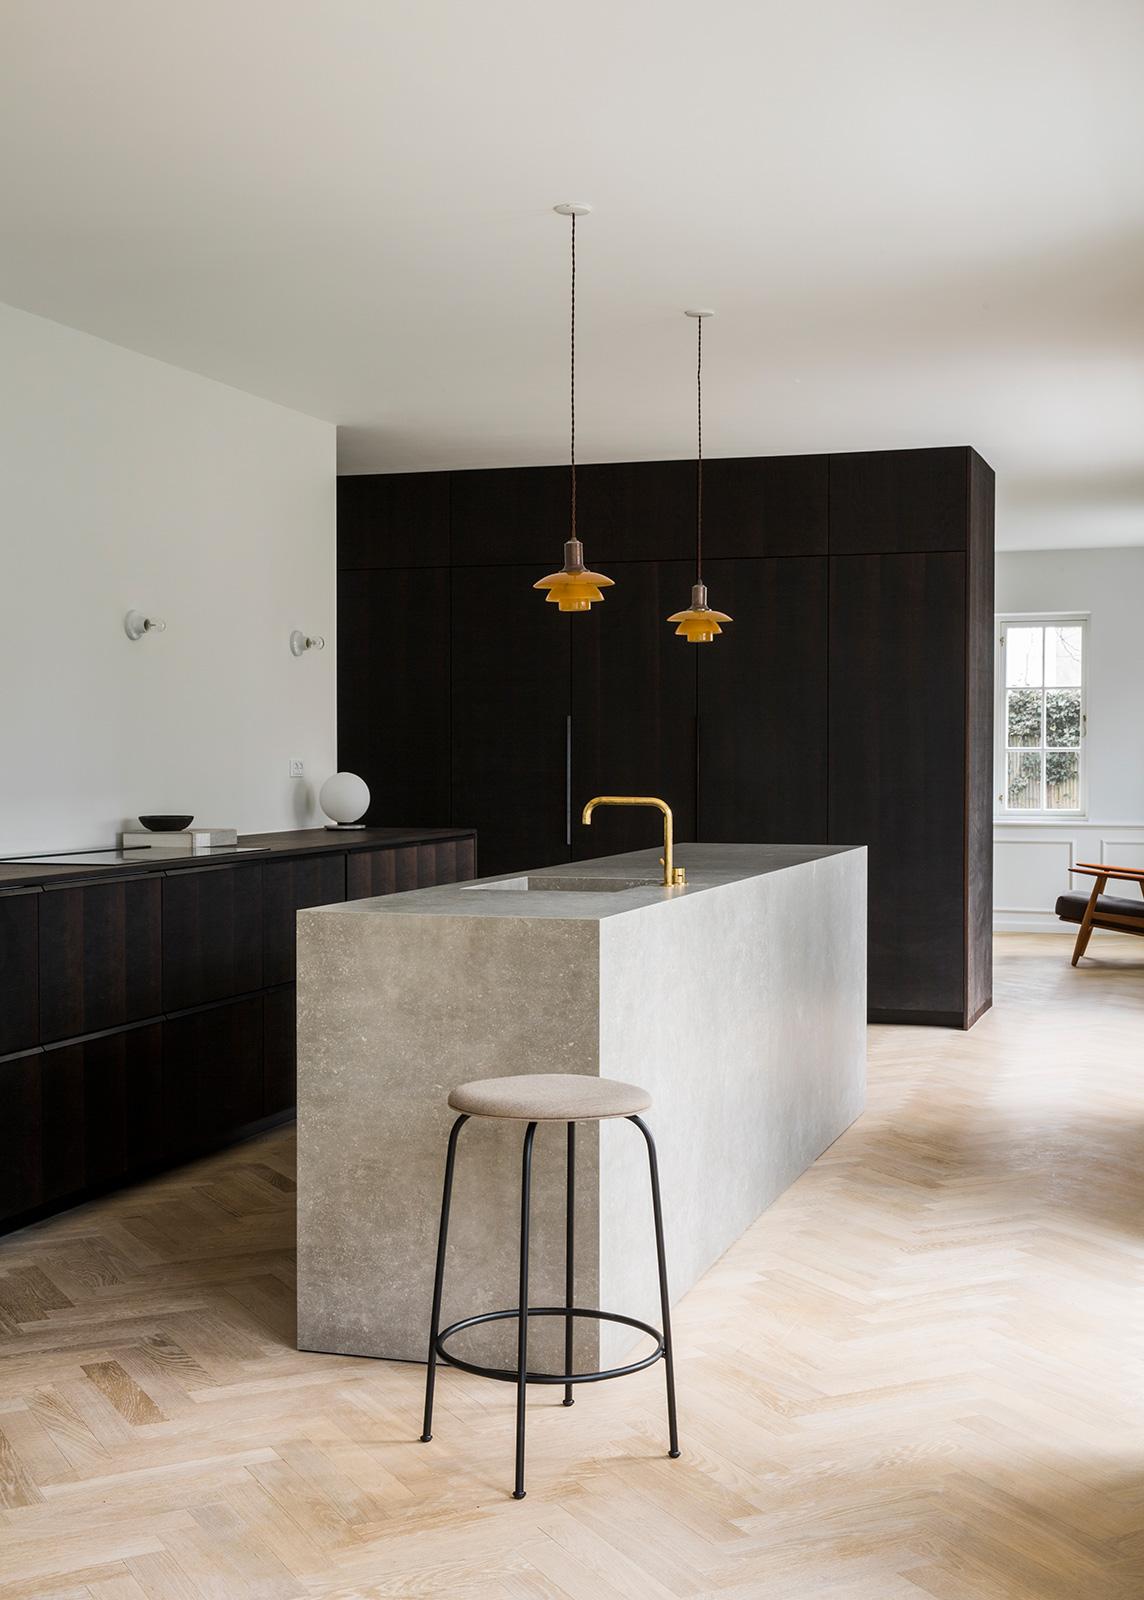 ilaria fatone - minimal esthetics - kitchen